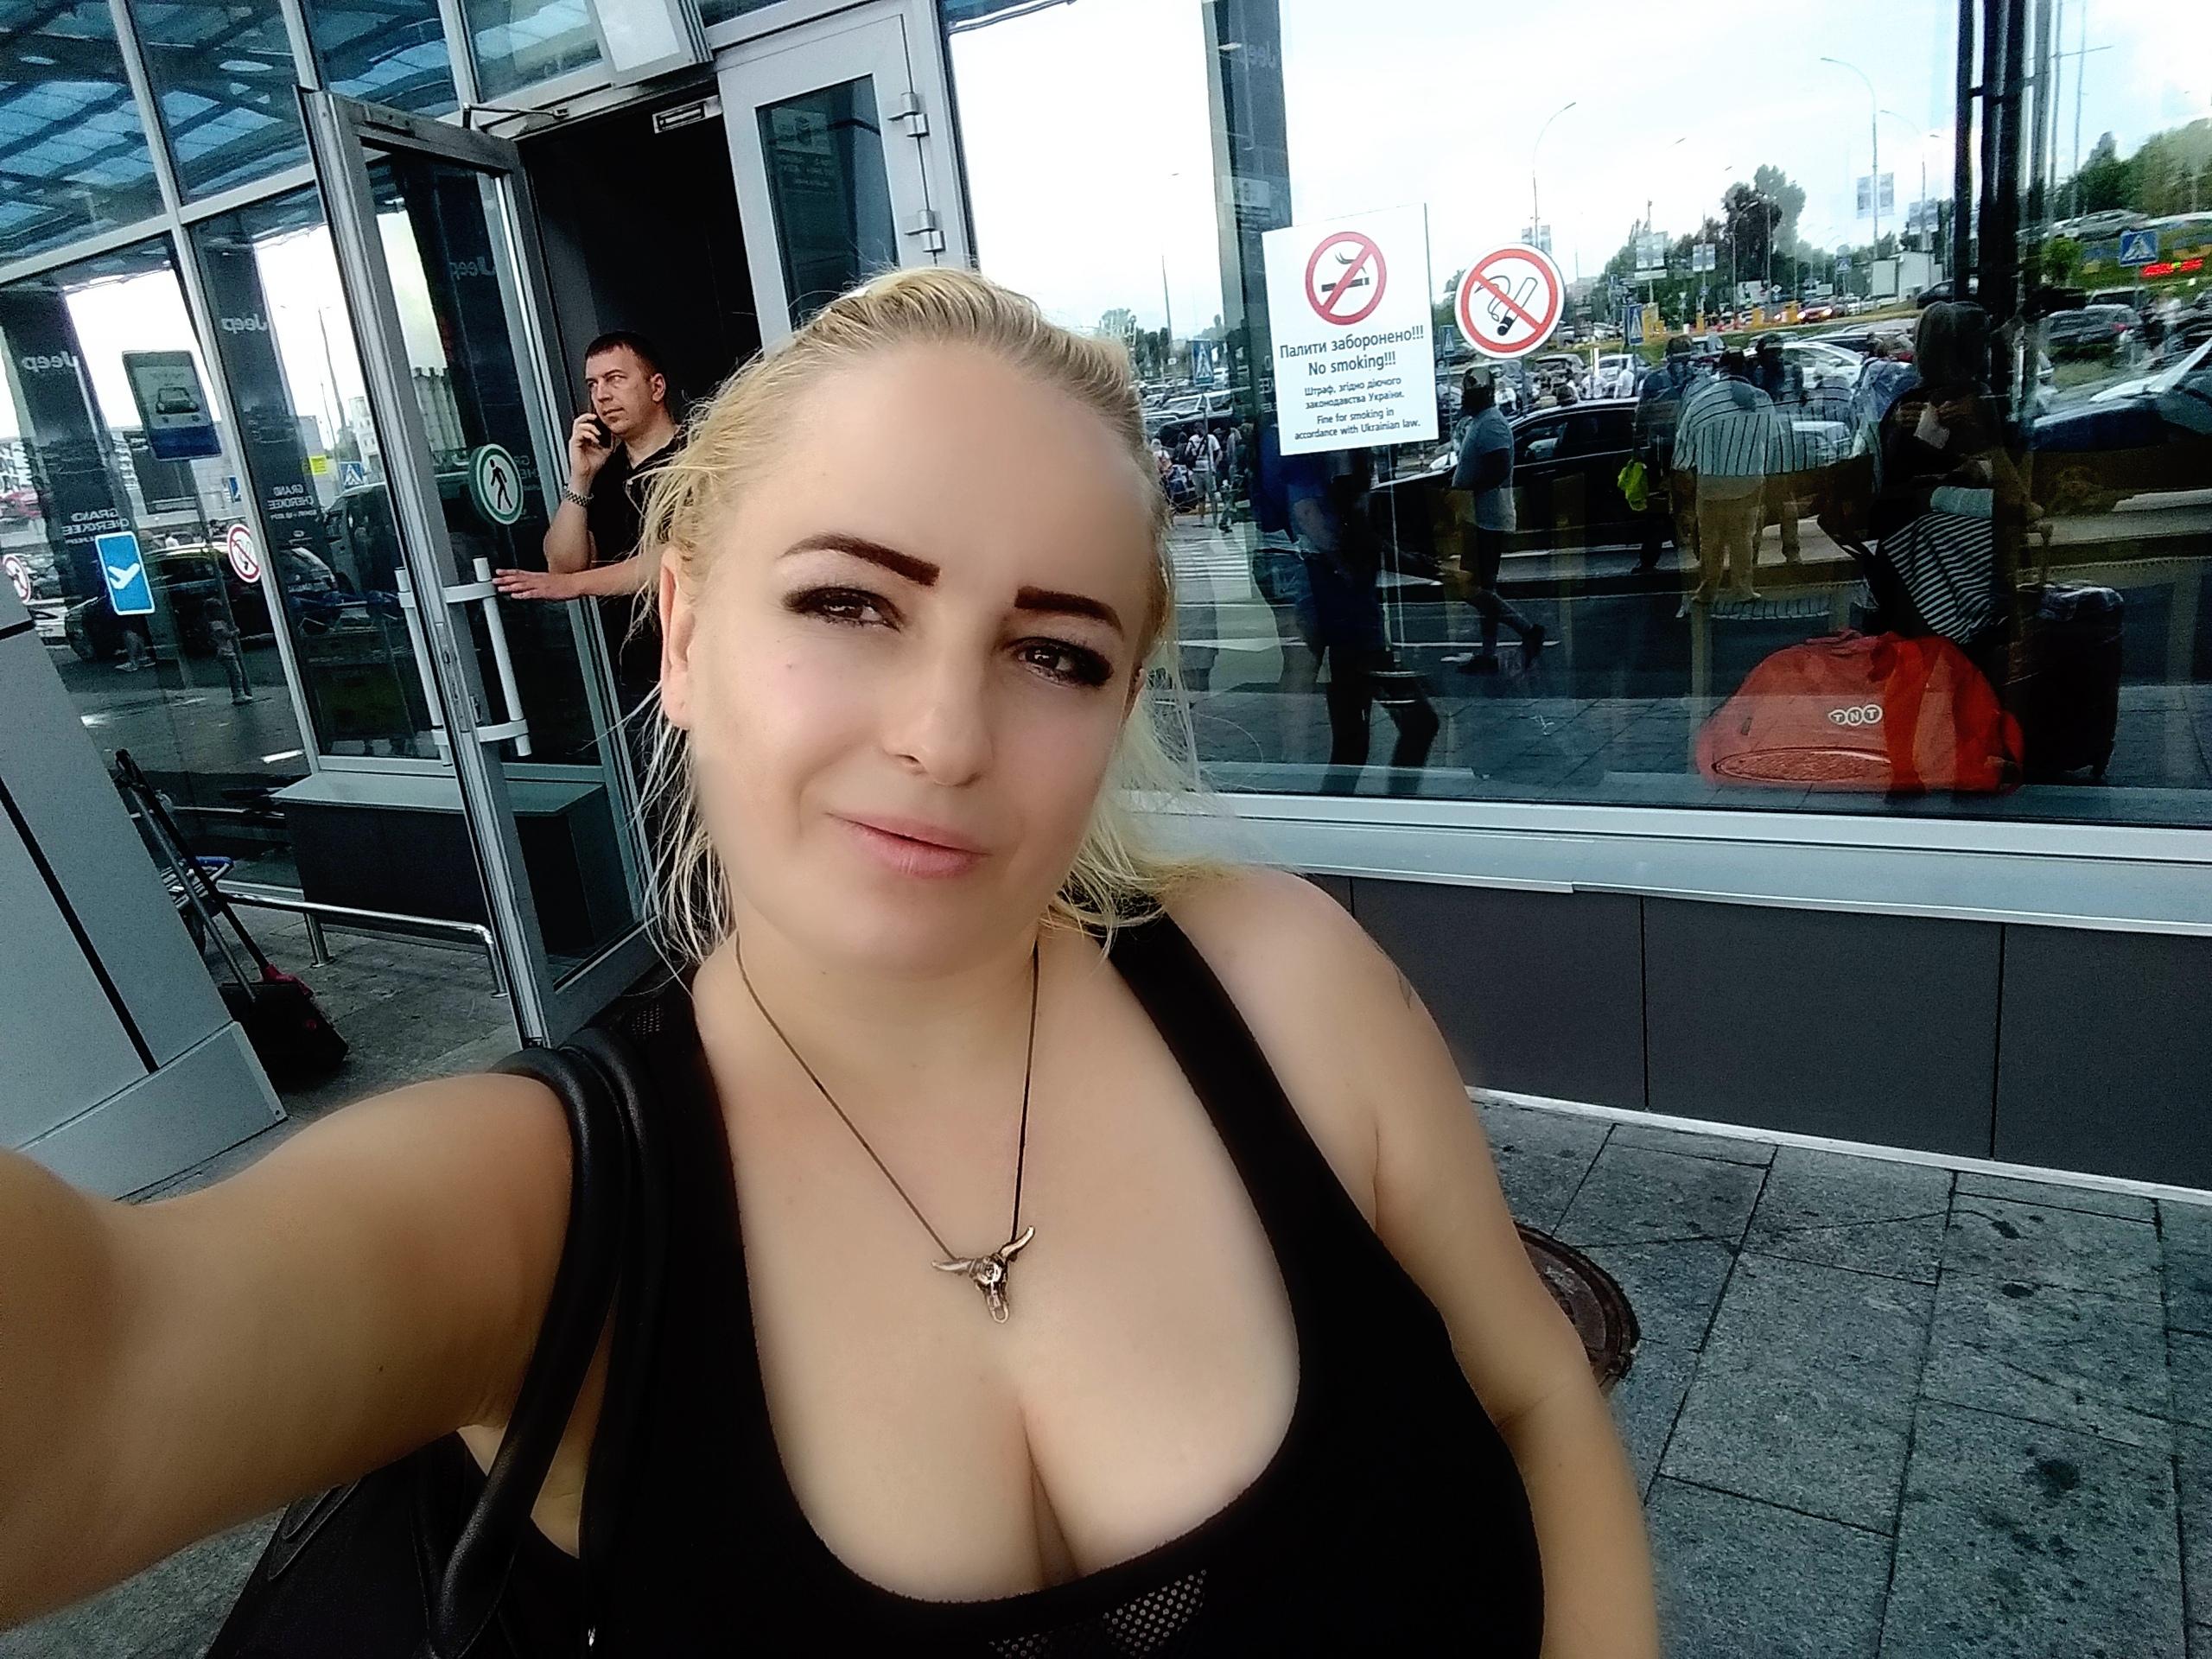 Елена Руденко (Валтея). Кипр. Айия-Напа (фото). RqJMwaofmUM